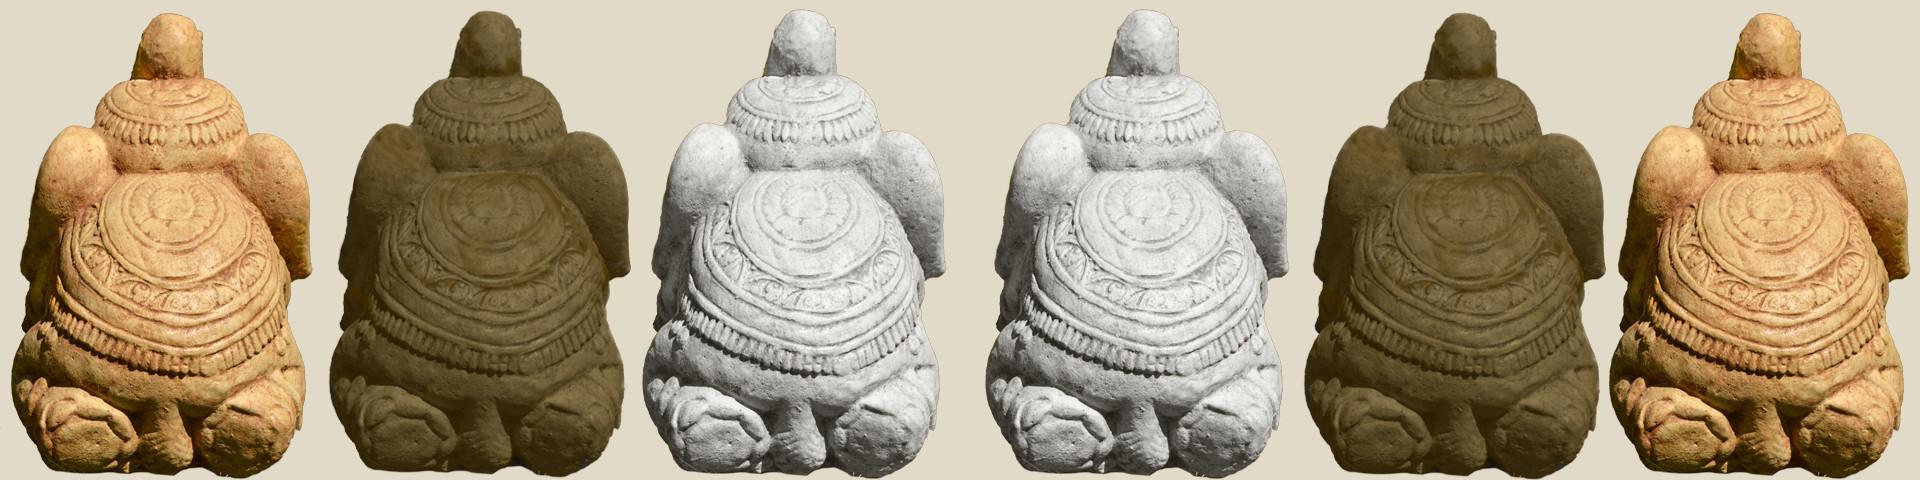 shop beautiful stone cast elephants